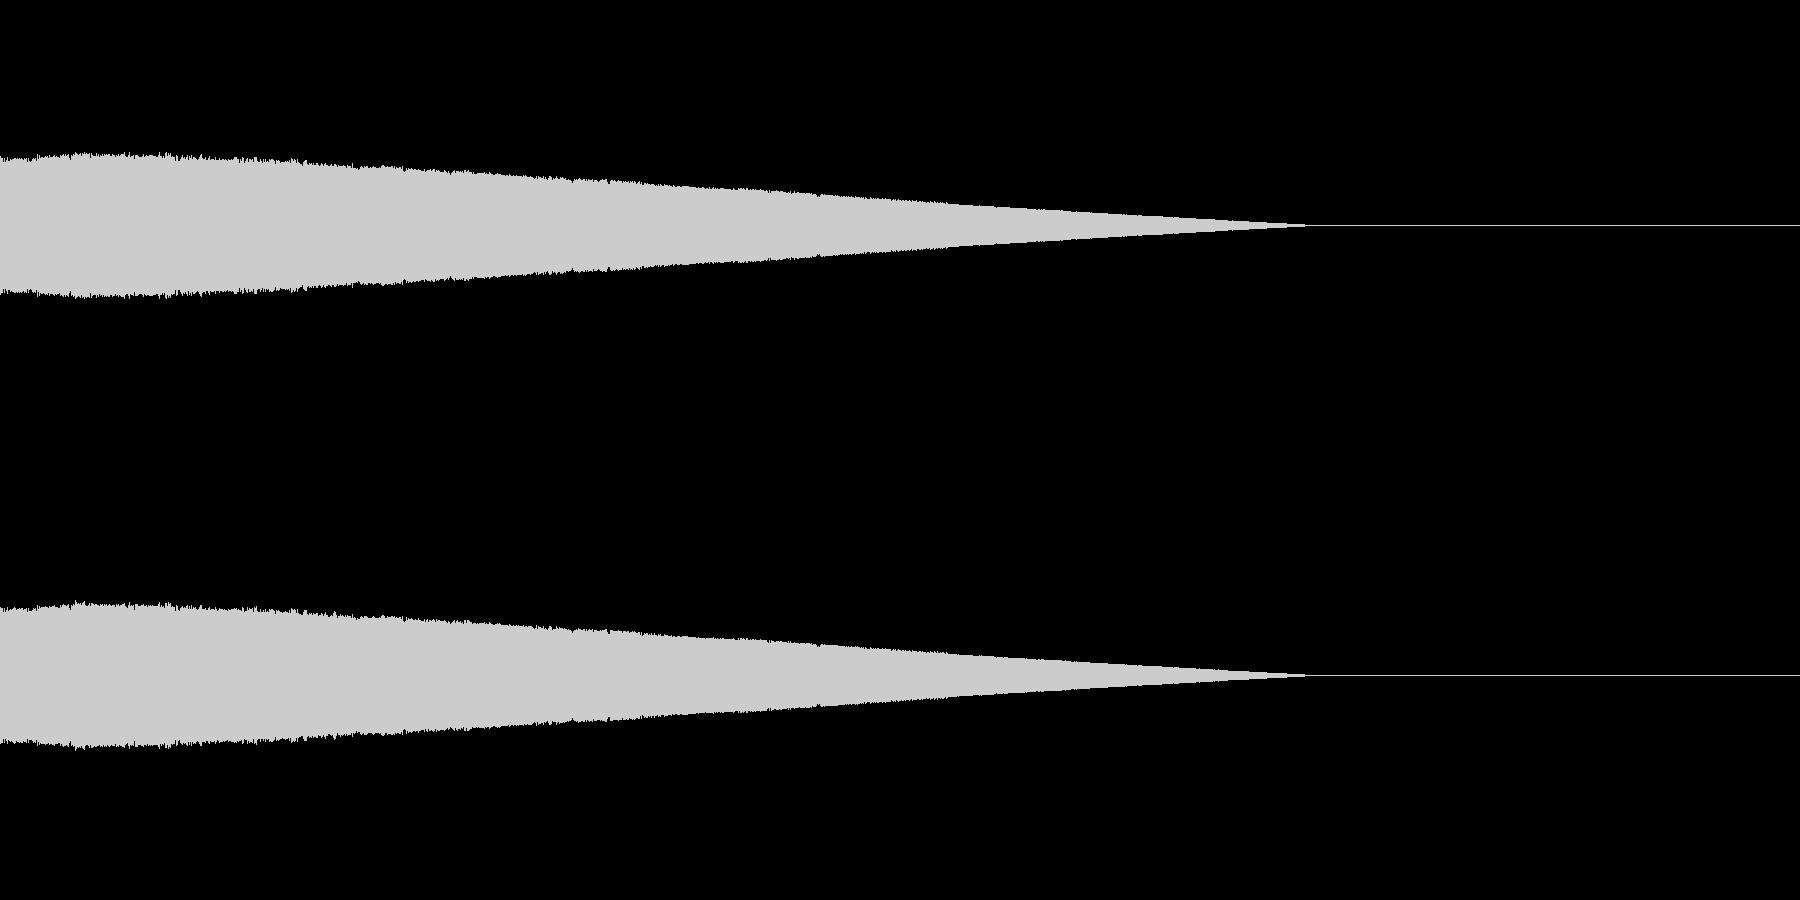 ピュー 下降 短めの未再生の波形